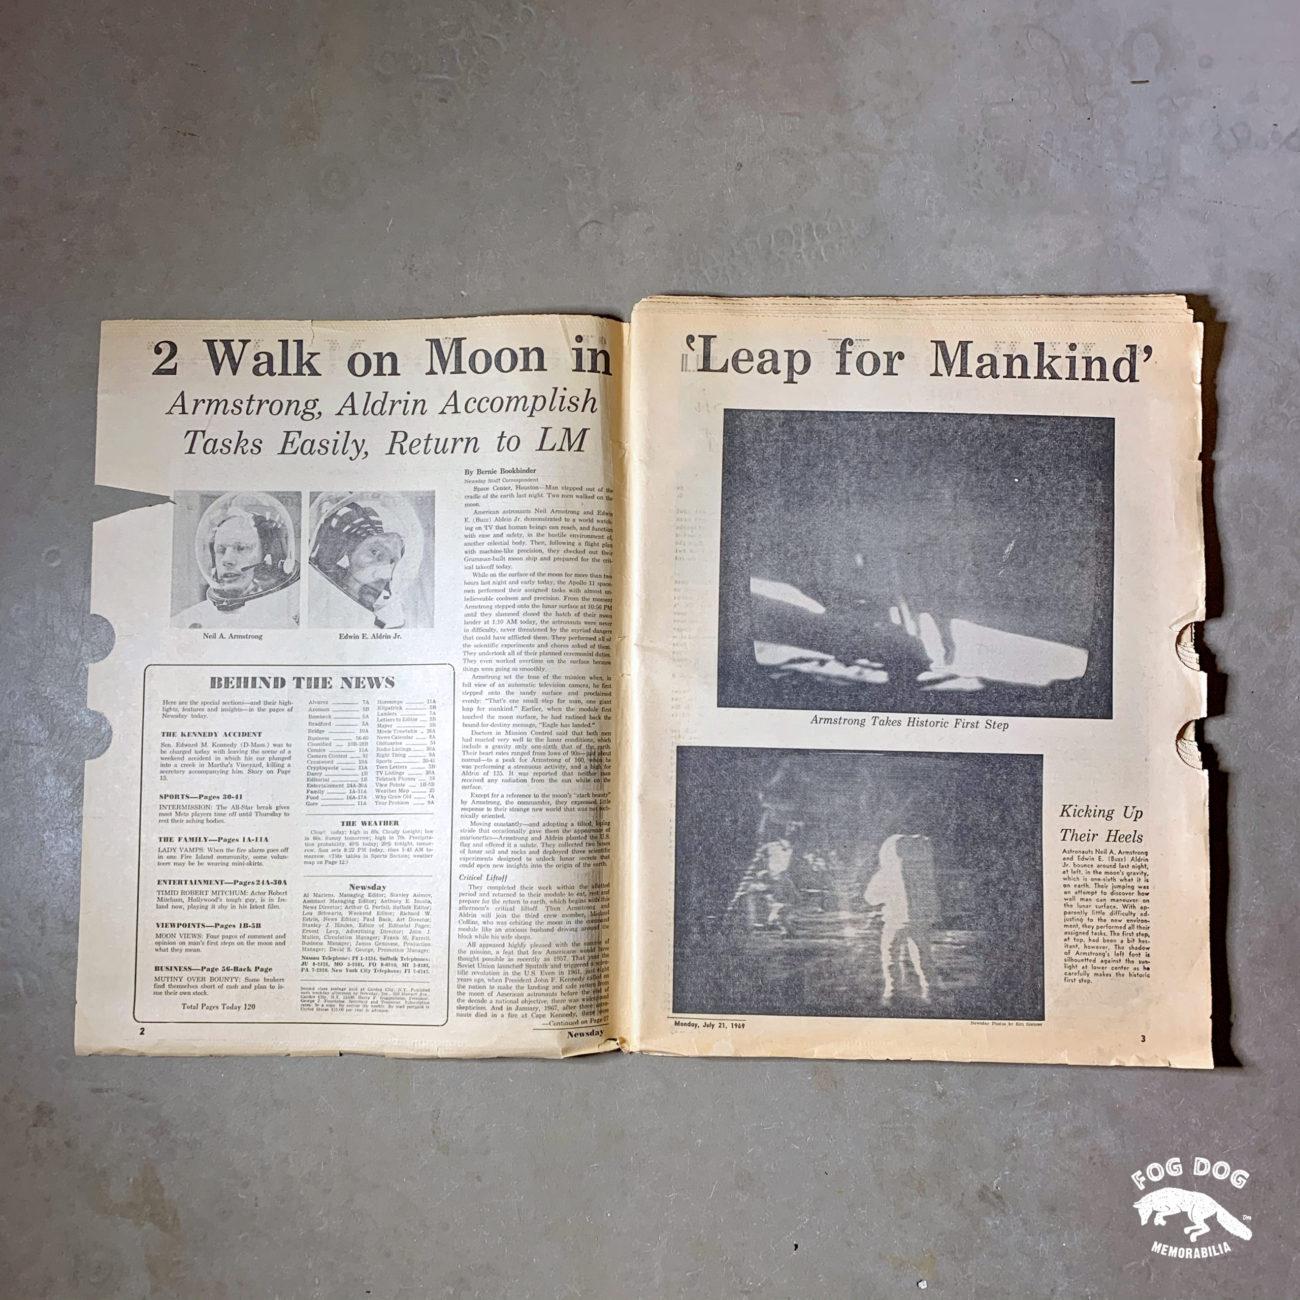 Vydání novin z 21.7.1969 - MEN WALK ON THE MOON